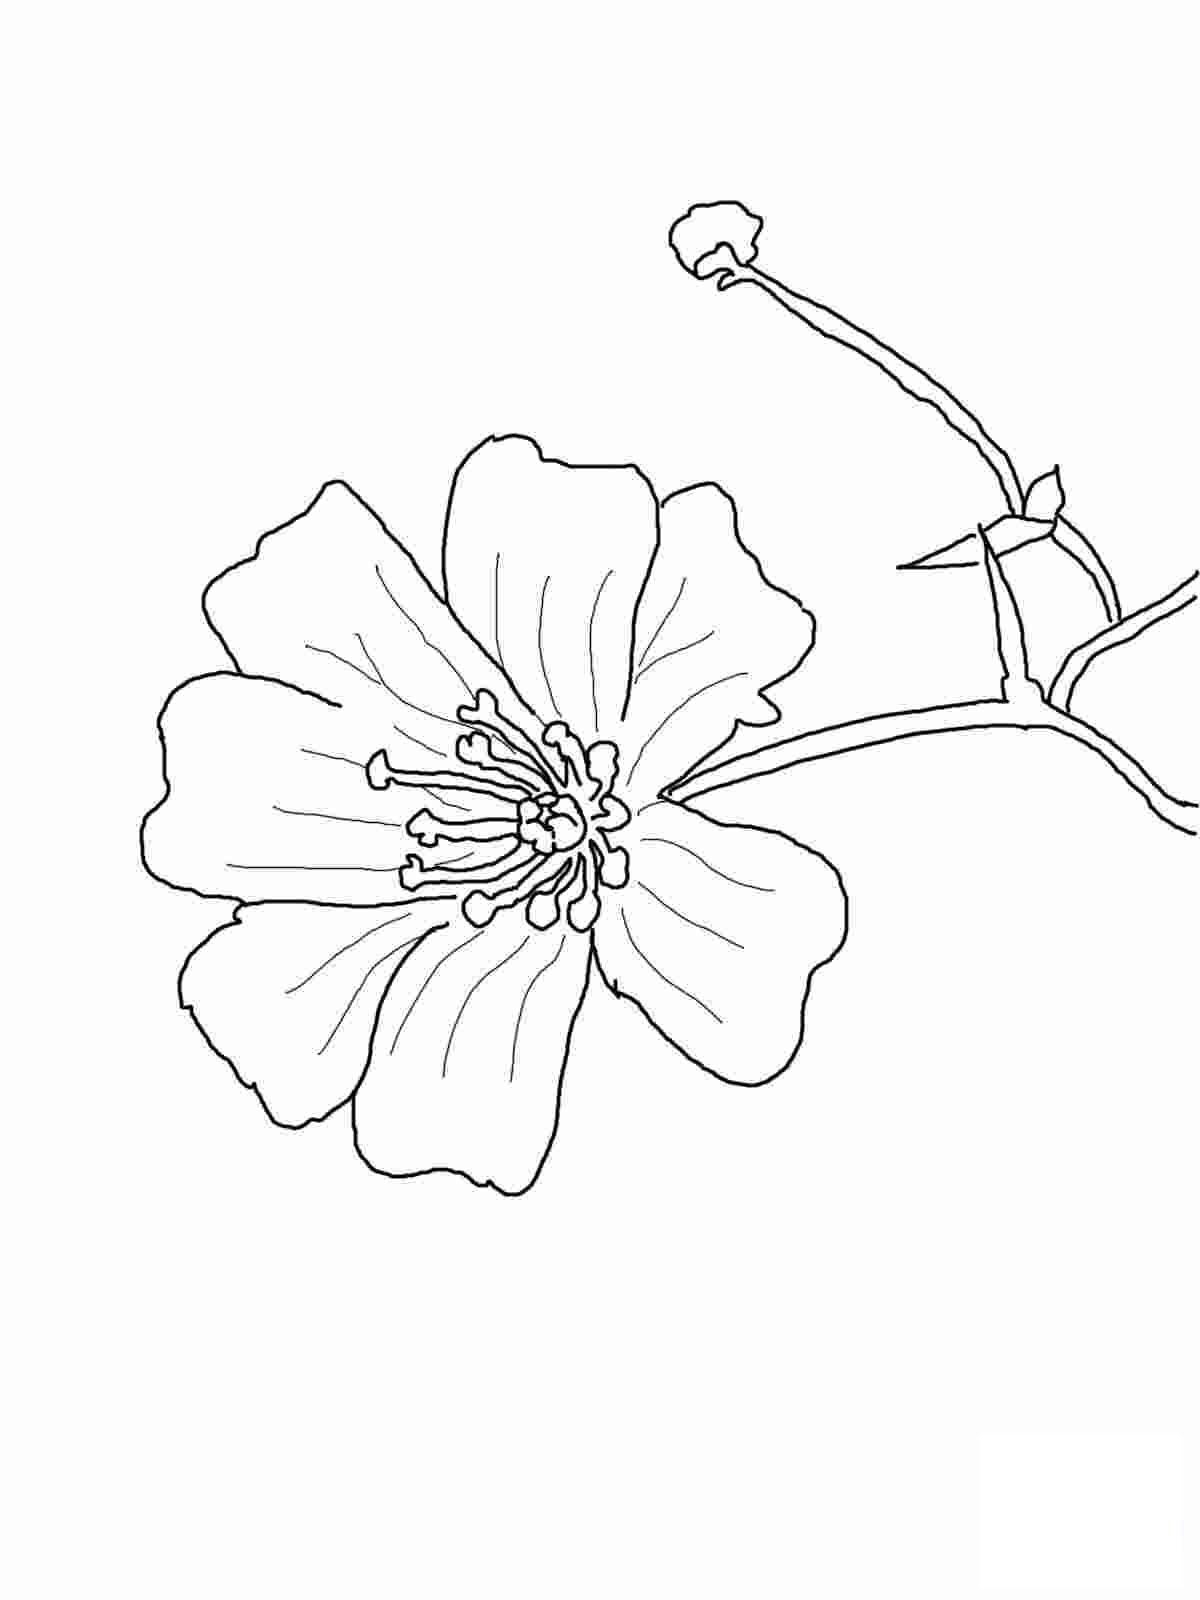 Tranh tô màu bông hoa dễ